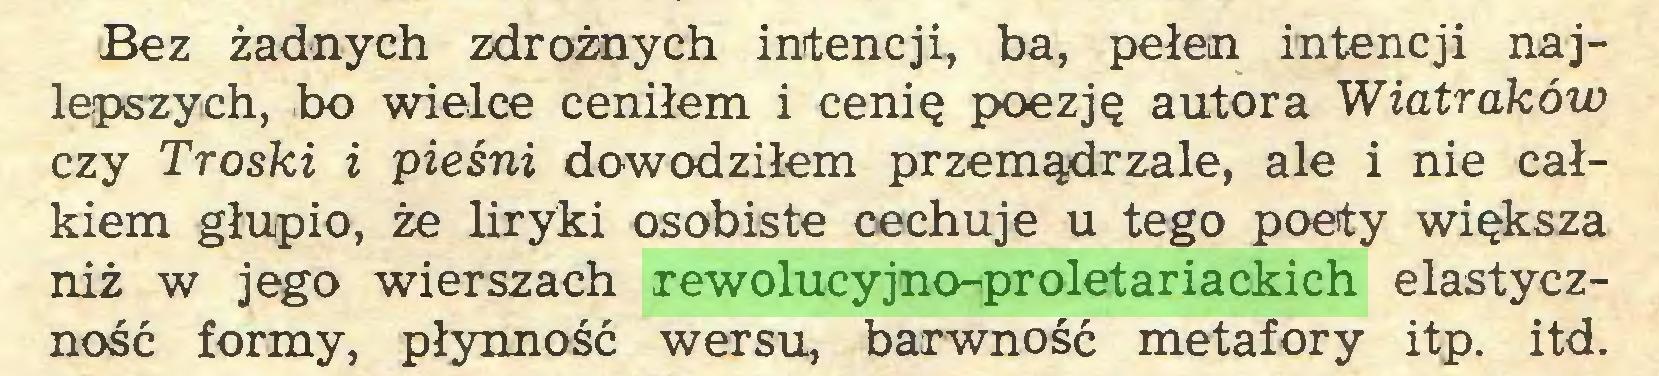 (...) Bez żadnych zdrożnych intencji, ba, pełen intencji najlepszych, bo wielce ceniłem i cenię poezję autora Wiatraków czy Troski i pieśni dowodziłem przemądrzale, ale i nie całkiem głupio, że liryki osobiste cechuje u tego poety większa niż w jego wierszach rewolucyjno-proletariackich elastyczność formy, płynność wersu, barwność metafory itp. itd...